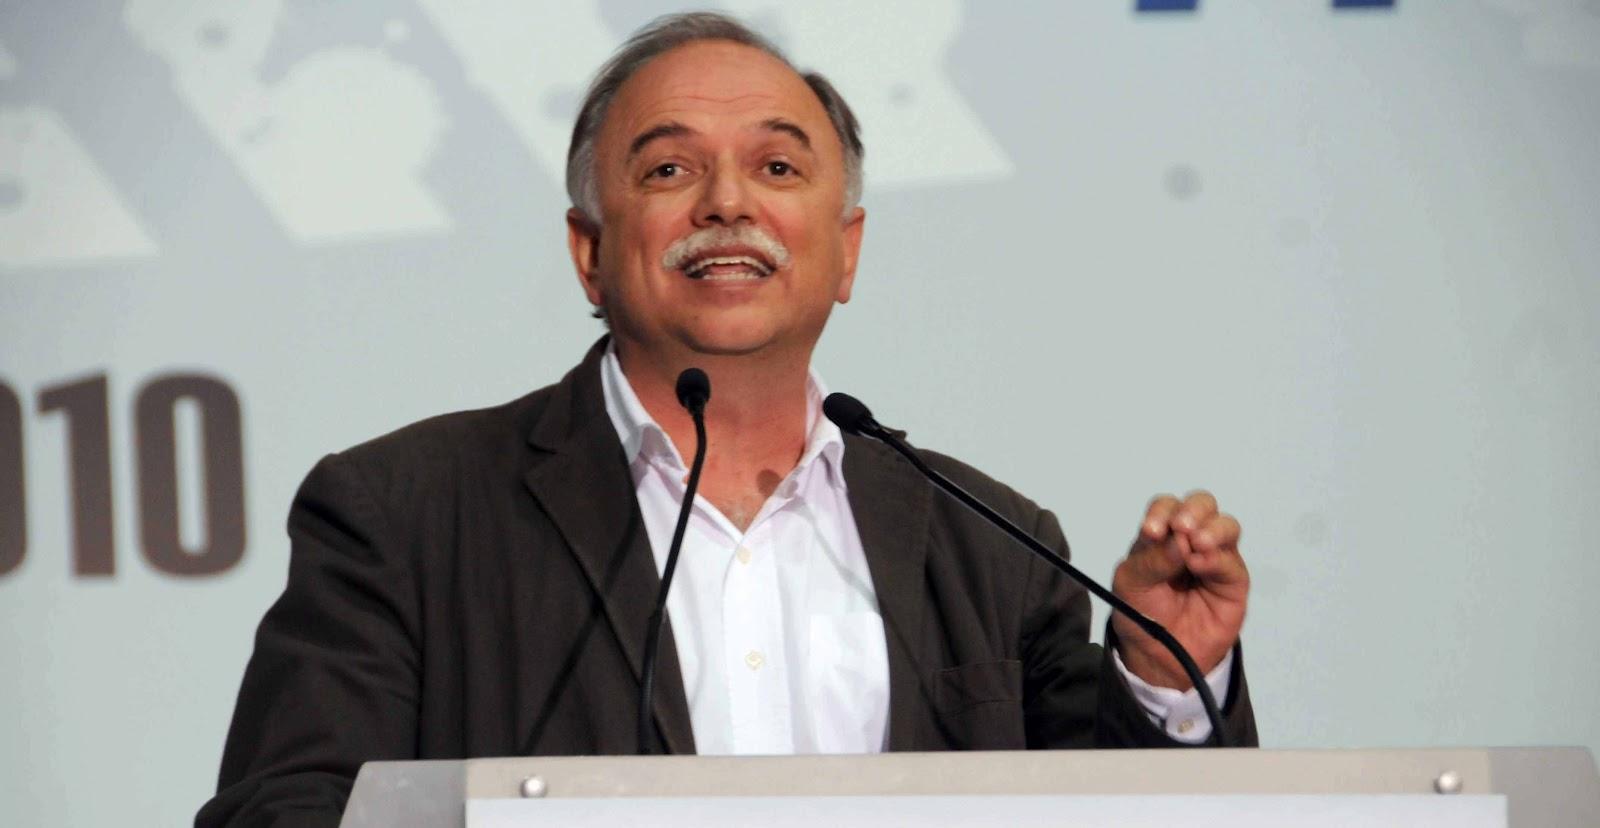 Europolitics: The EU Parliament was preparing a report on a Grexit